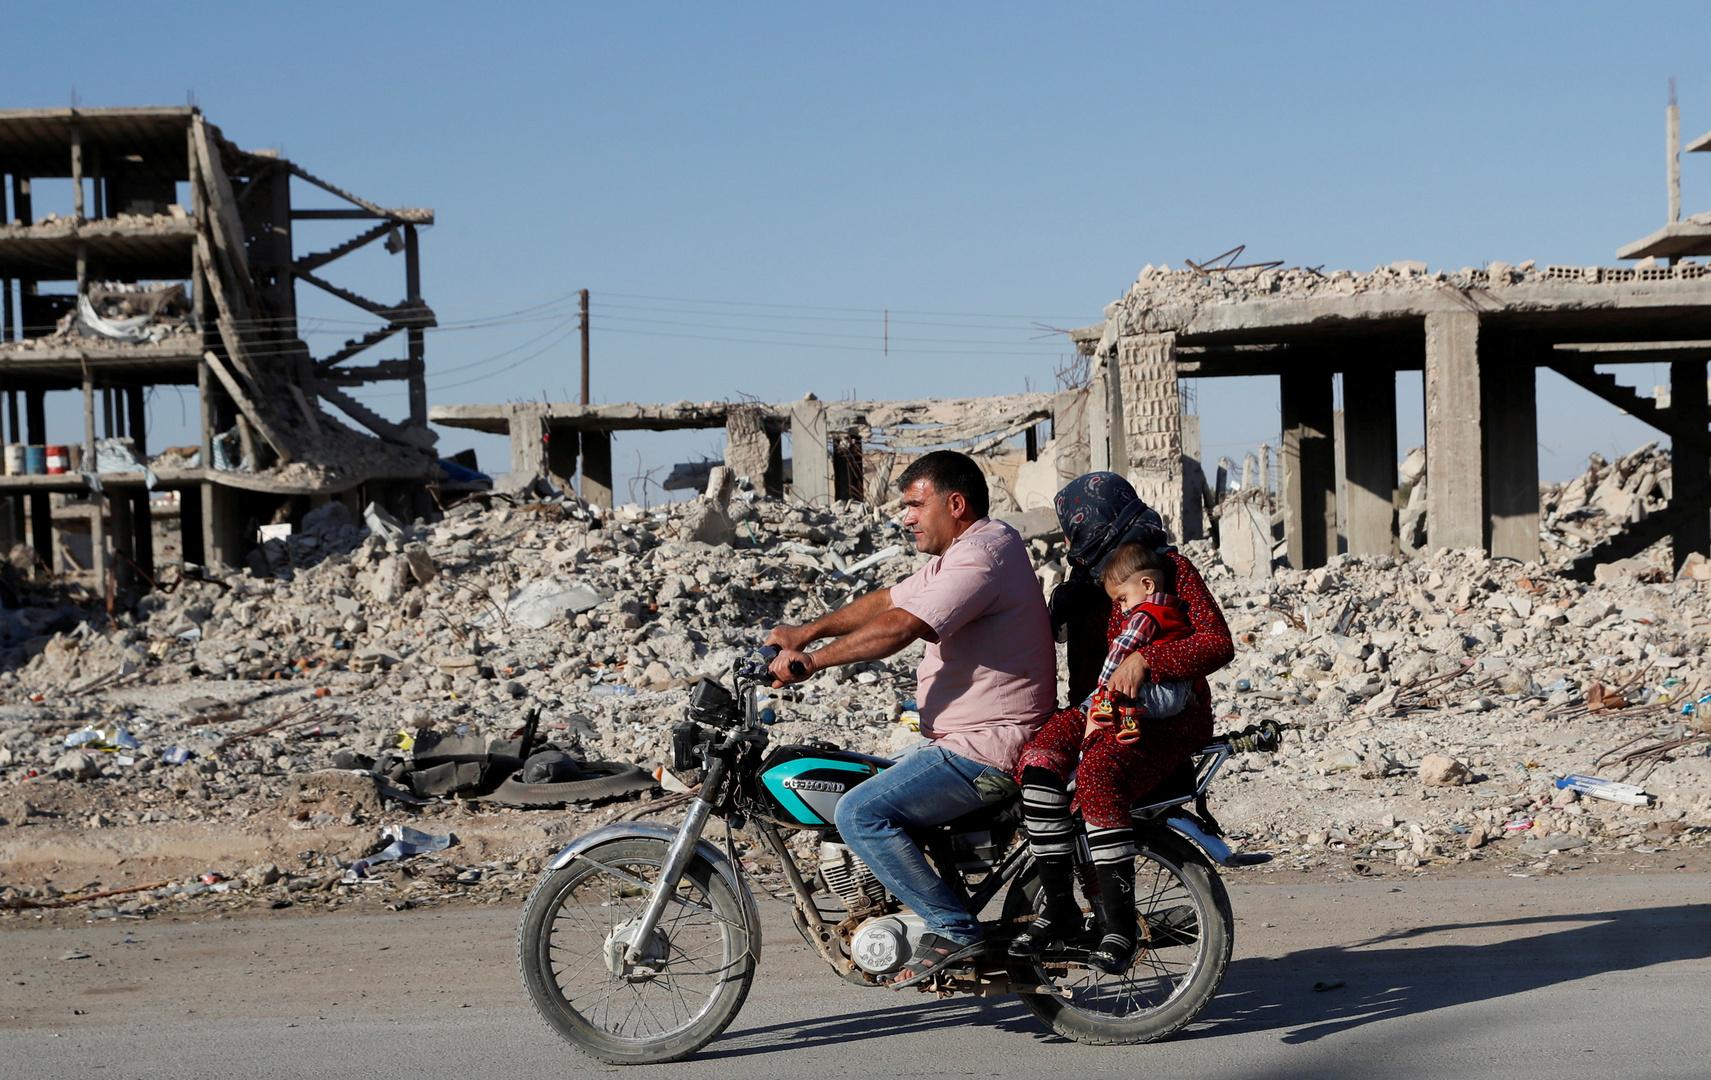 الحشد الشعبي ينفي تعرض قواته إلى قصف أمريكي على الحدود مع سوريا